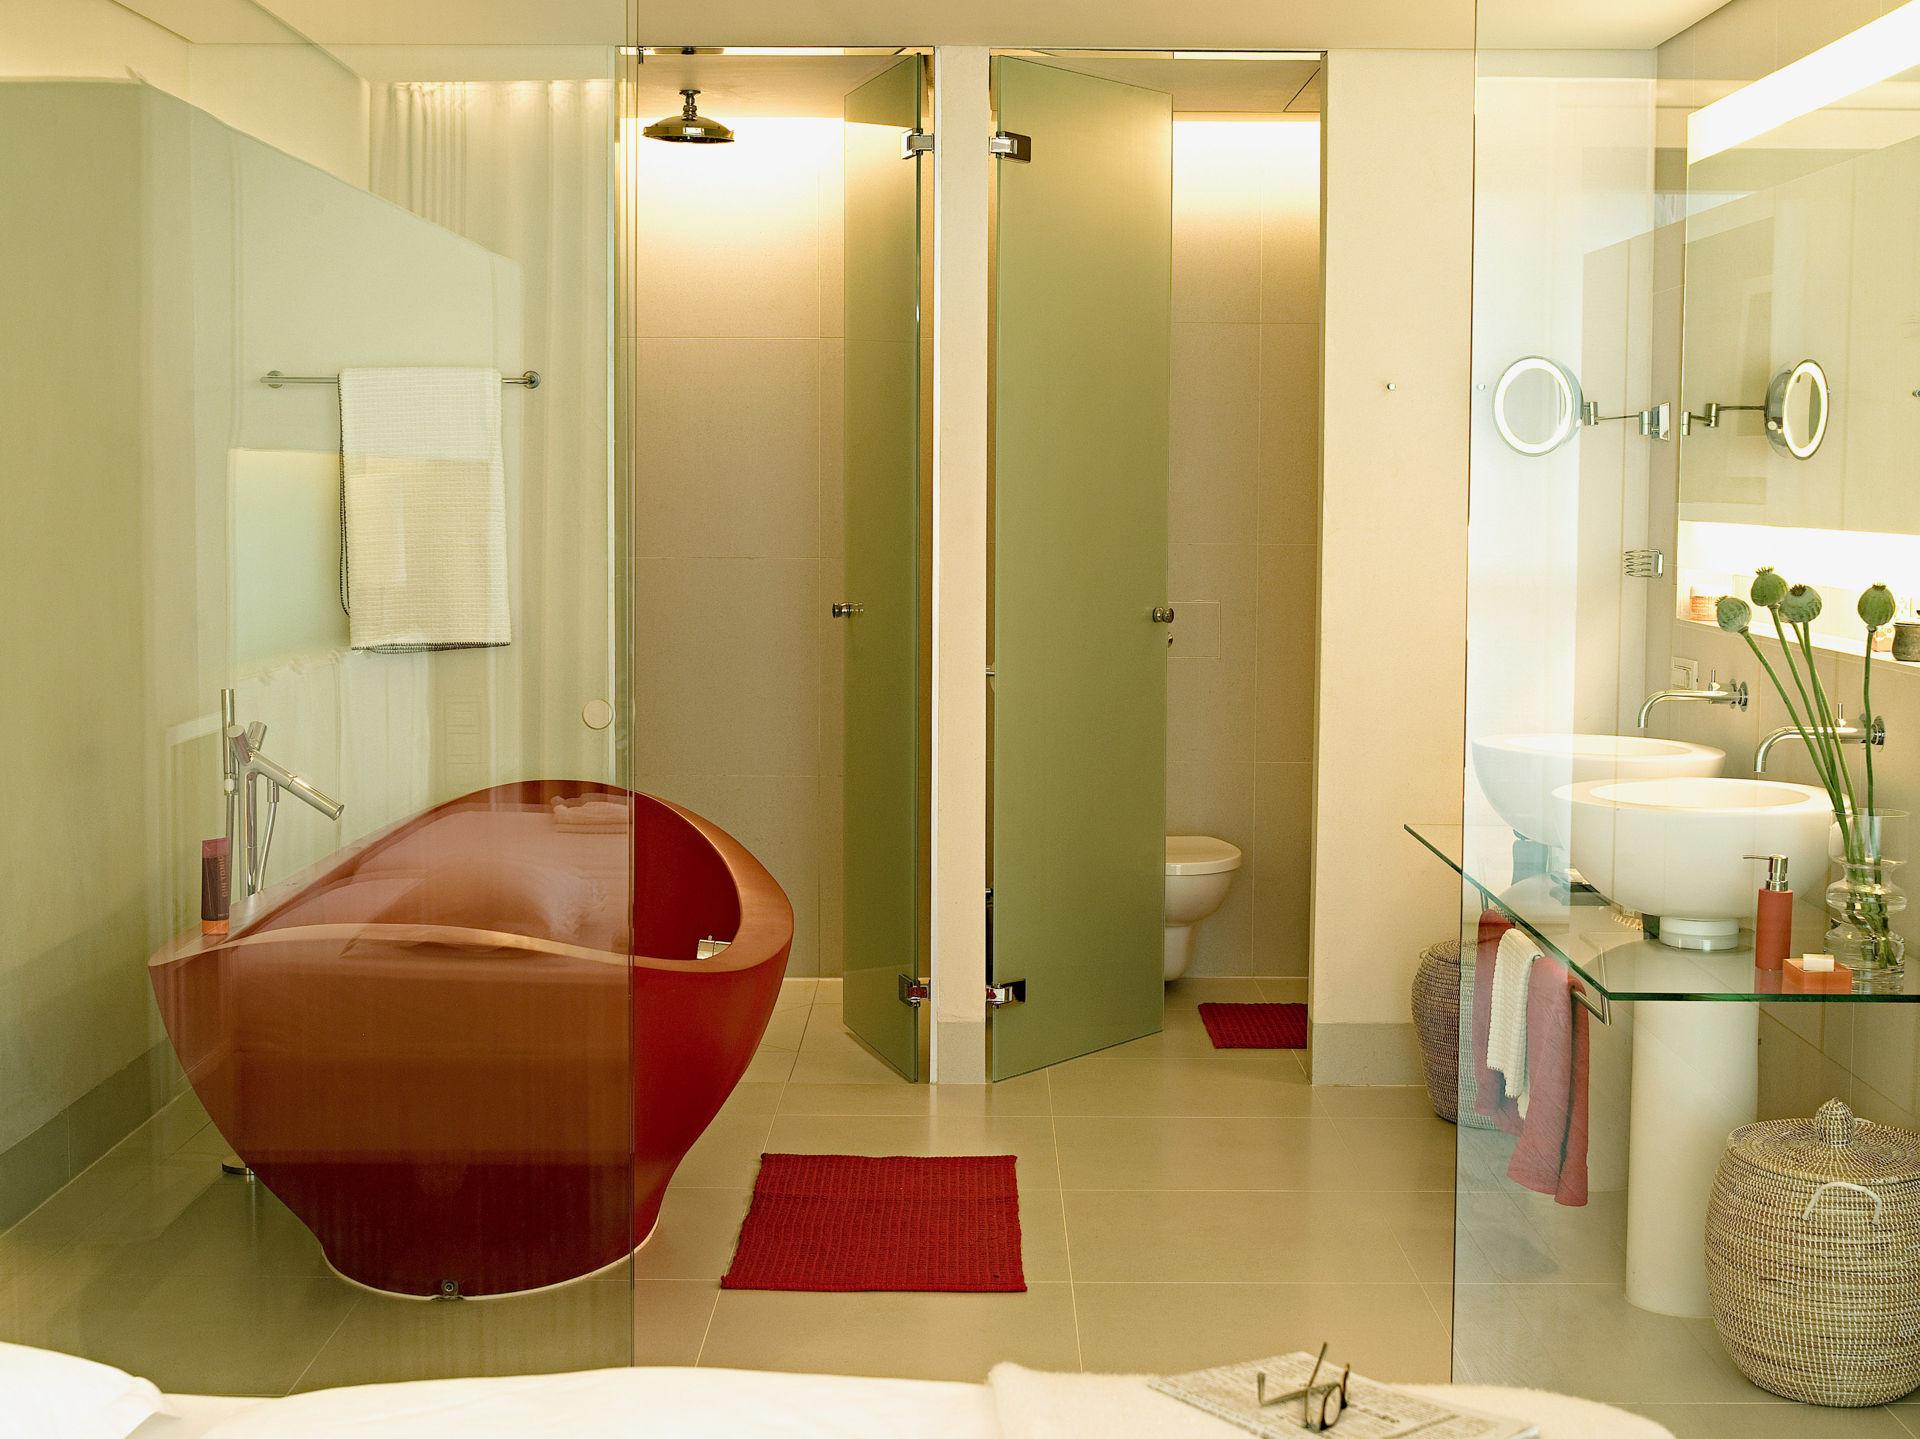 b der im side hotel zuhause wohnen. Black Bedroom Furniture Sets. Home Design Ideas